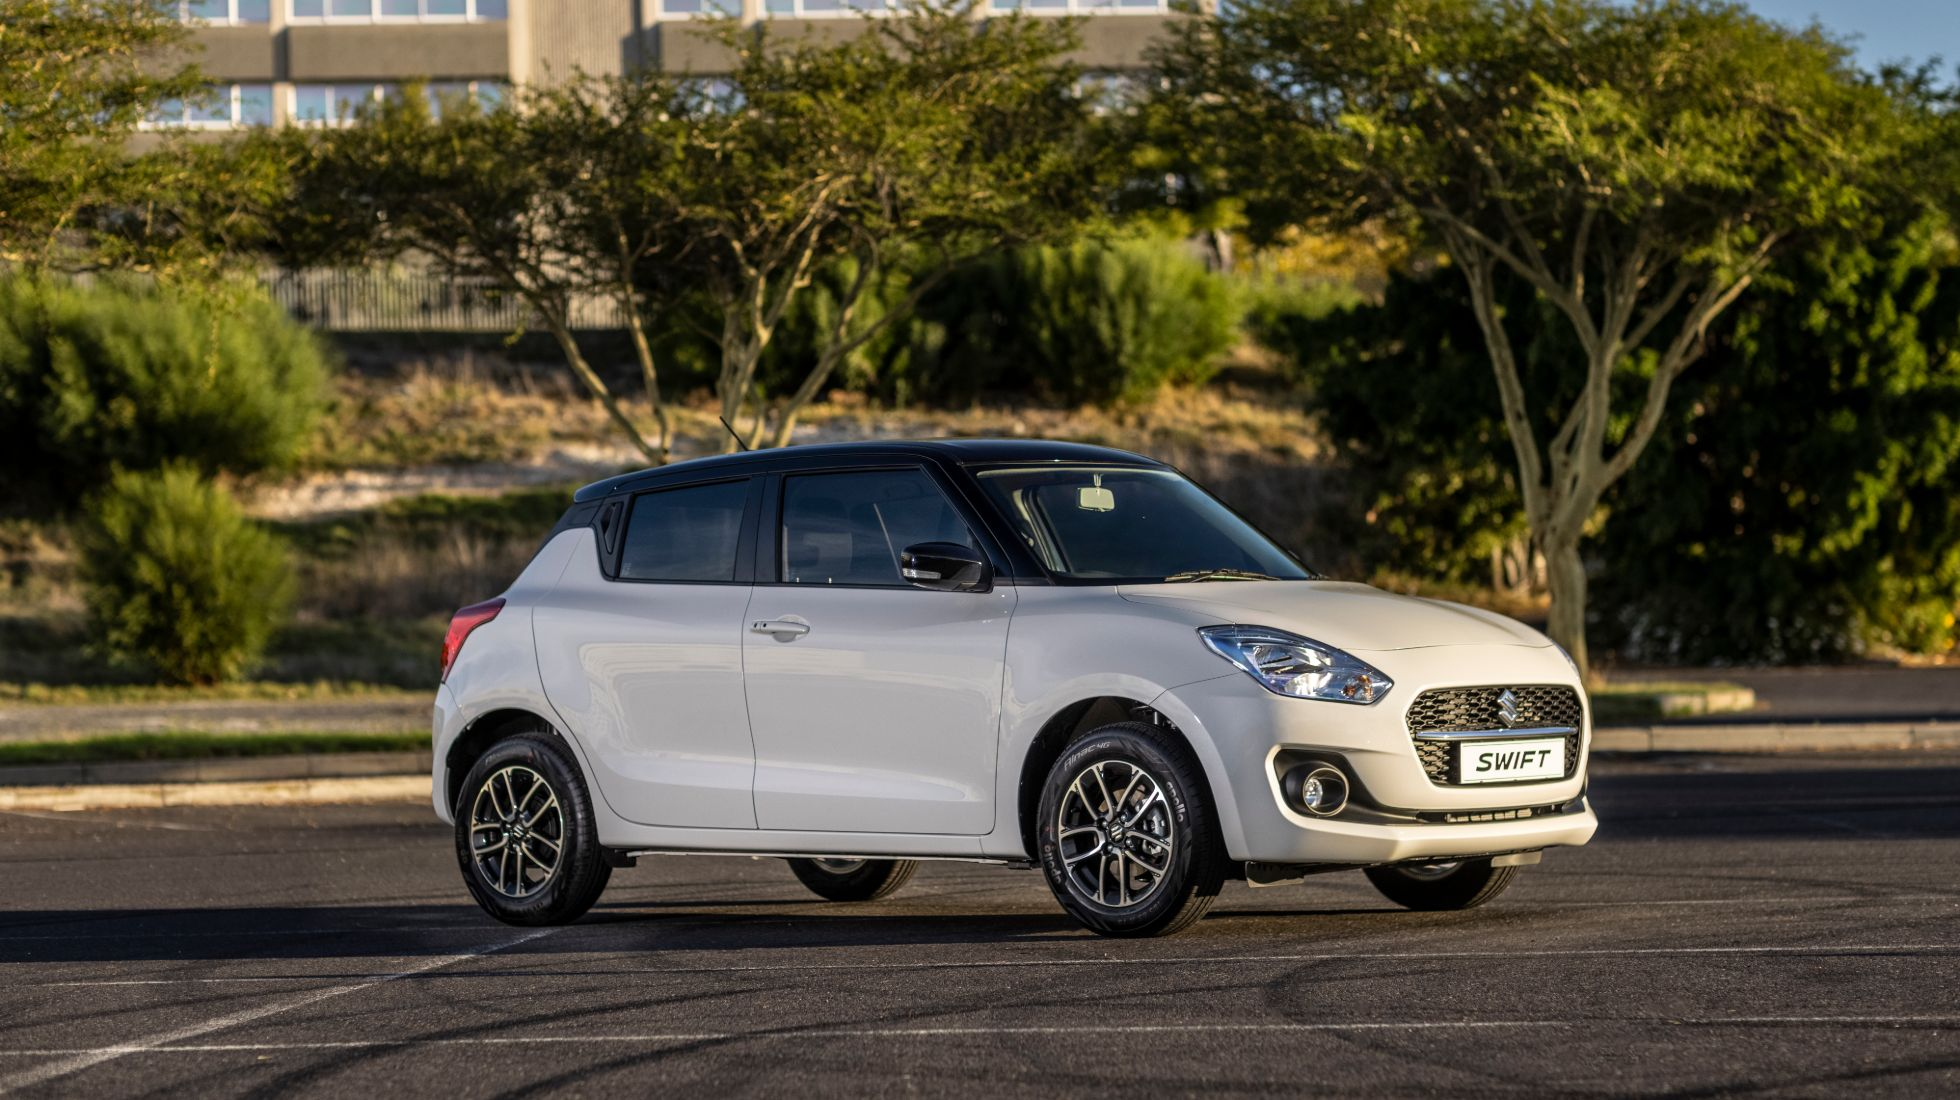 Mild Updates to the popular Suzuki Swift